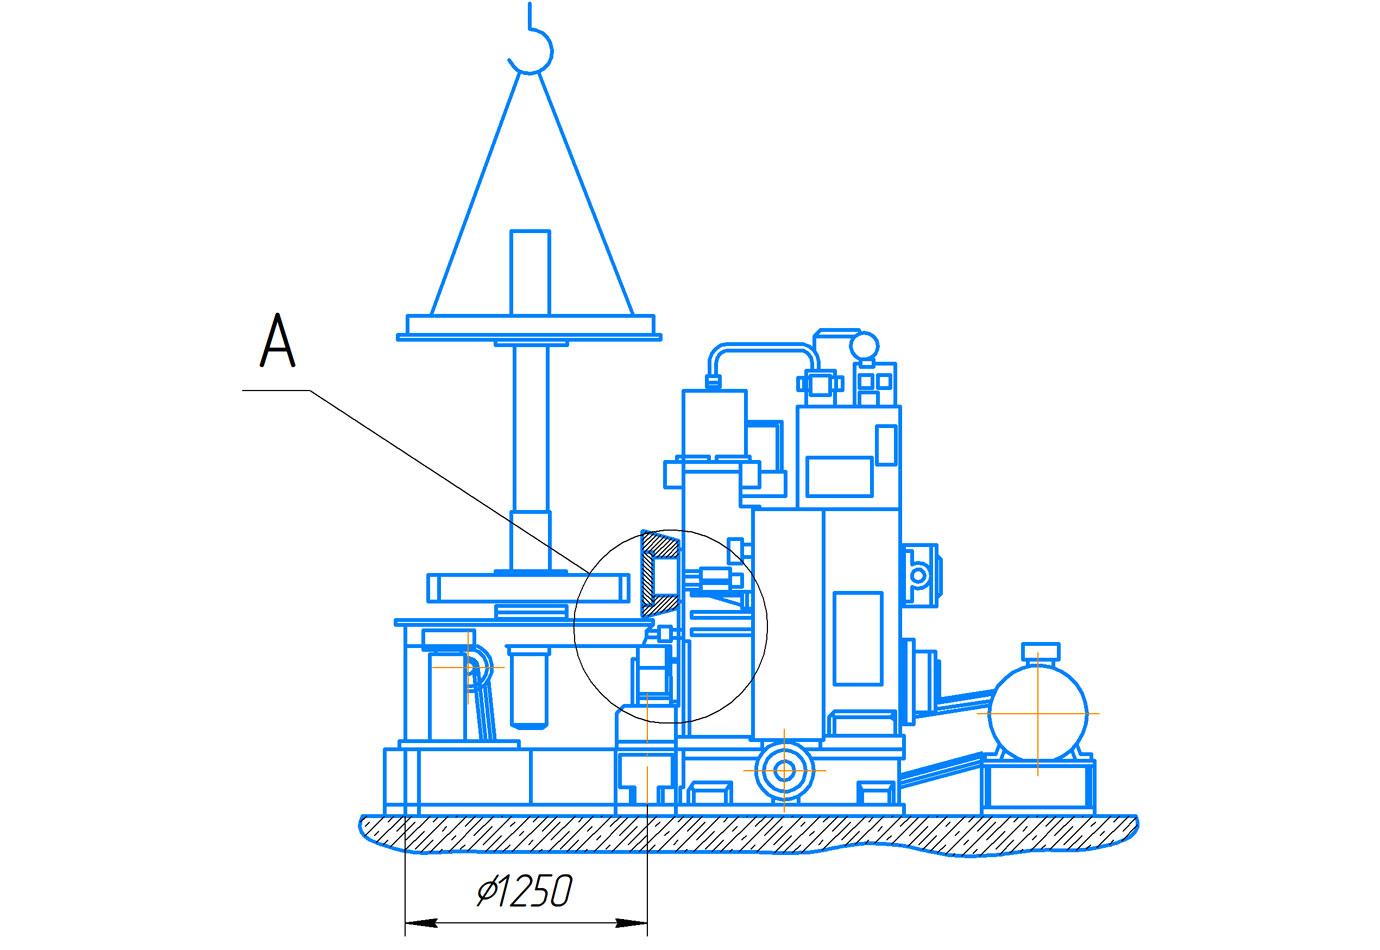 Габарит рабочего пространства и эскиз крепления инструмента пресса гидравлического ПБ7730 для обжима буртов бандажей усилием 1000 кН